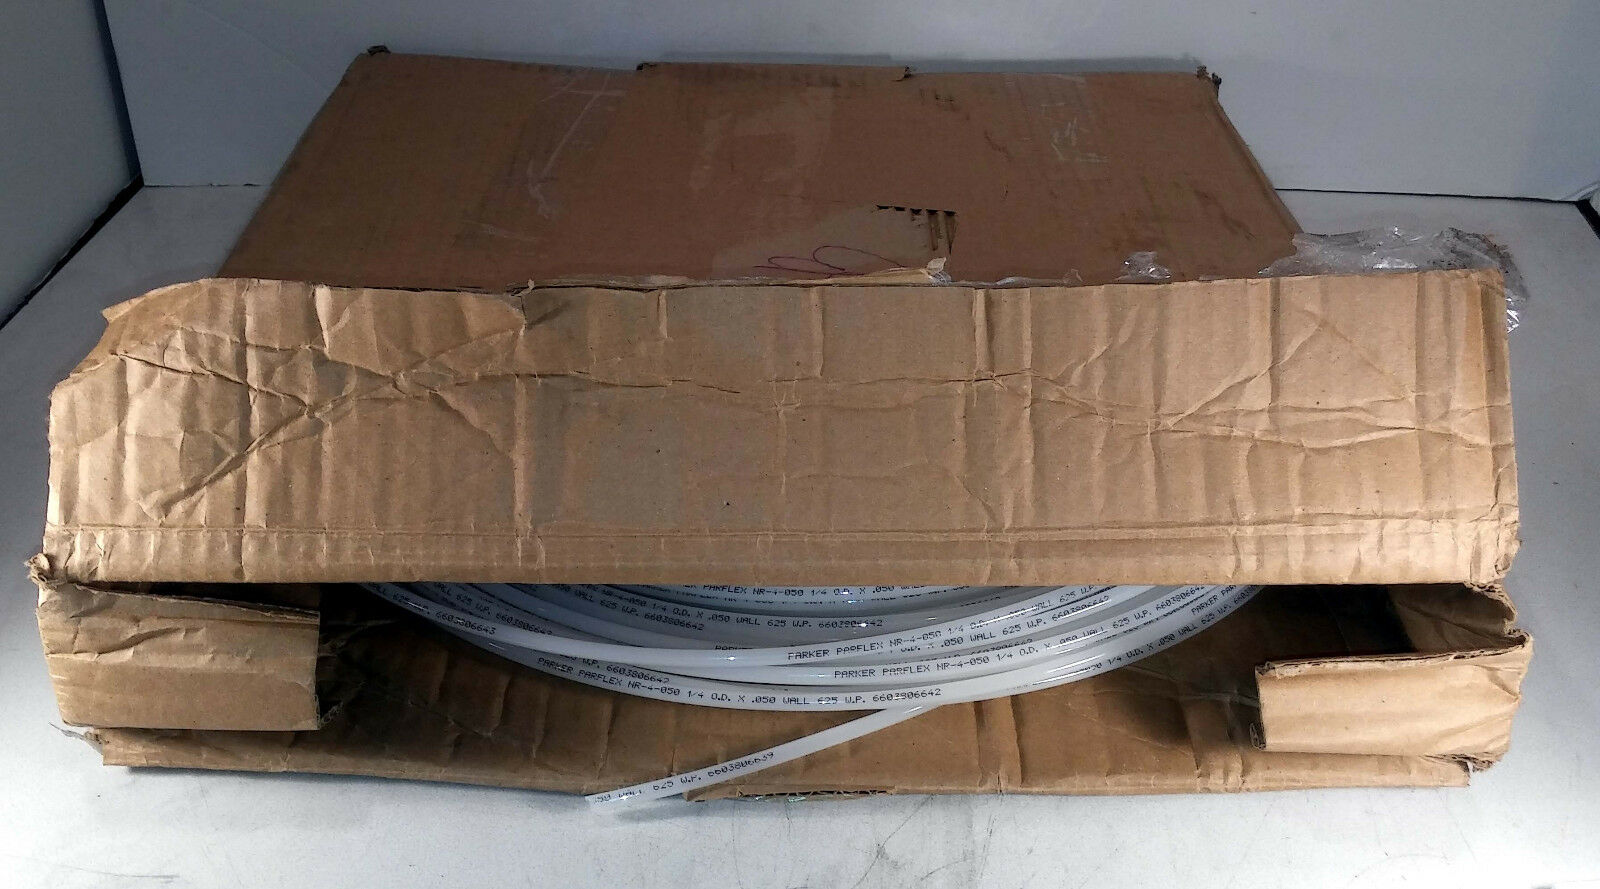 1 nuevo 250' Semi-rígida Rodillo Parker NNR-4-050 Alta Resistencia tubería Semi-rígida 250' de Nylon Nuevo En Caja 522d21